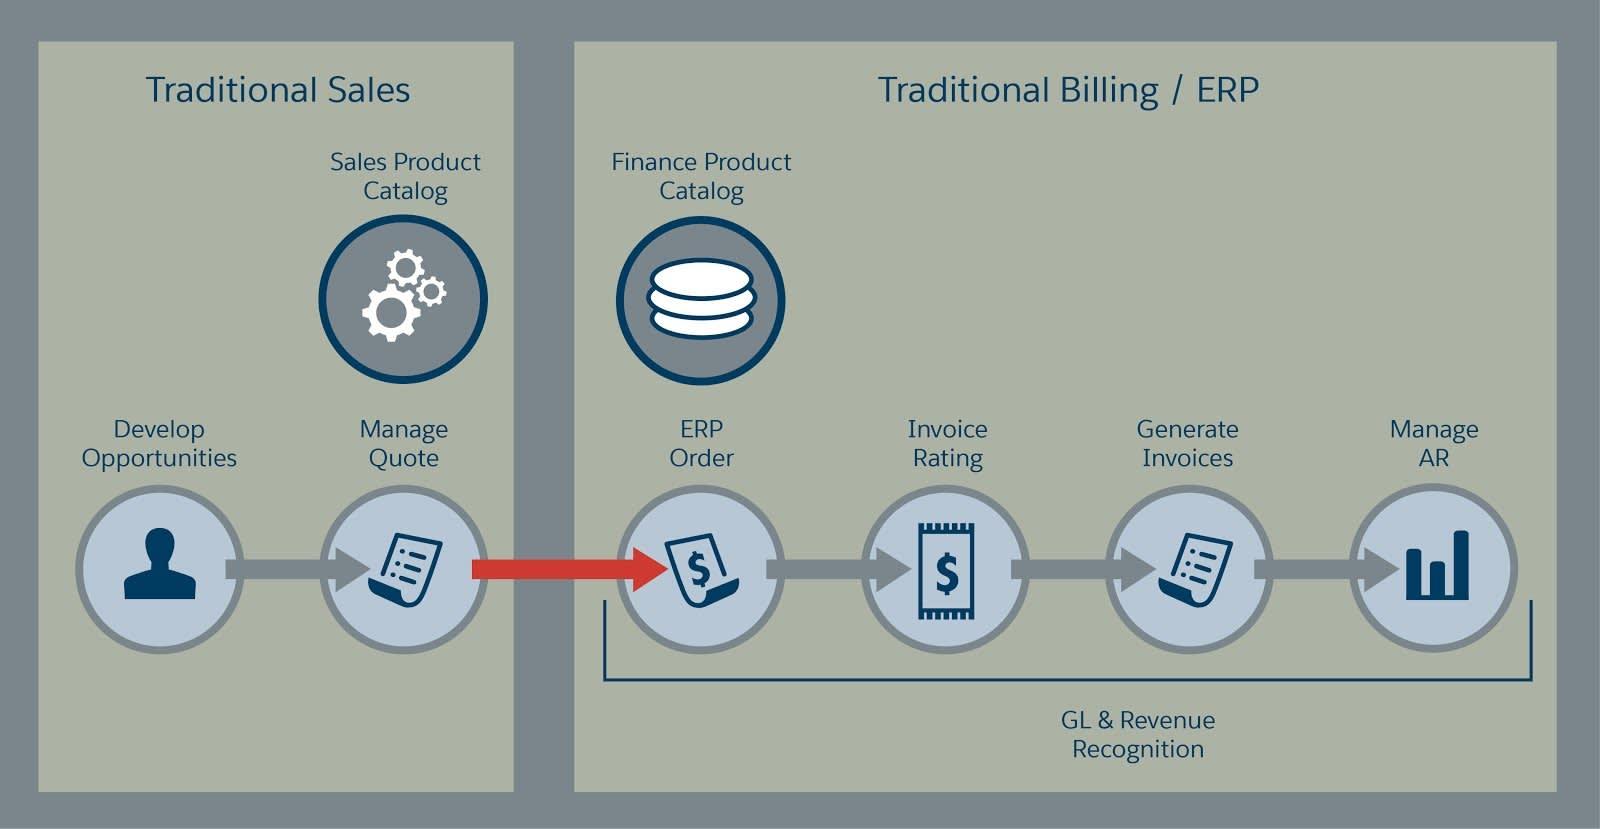 Os processos tradicionais de cotação e cobrança são administrados em silos, e as áreas de vendas e finanças tendem a passar por uma transferência de dados complicada para fins de reprocessamento.